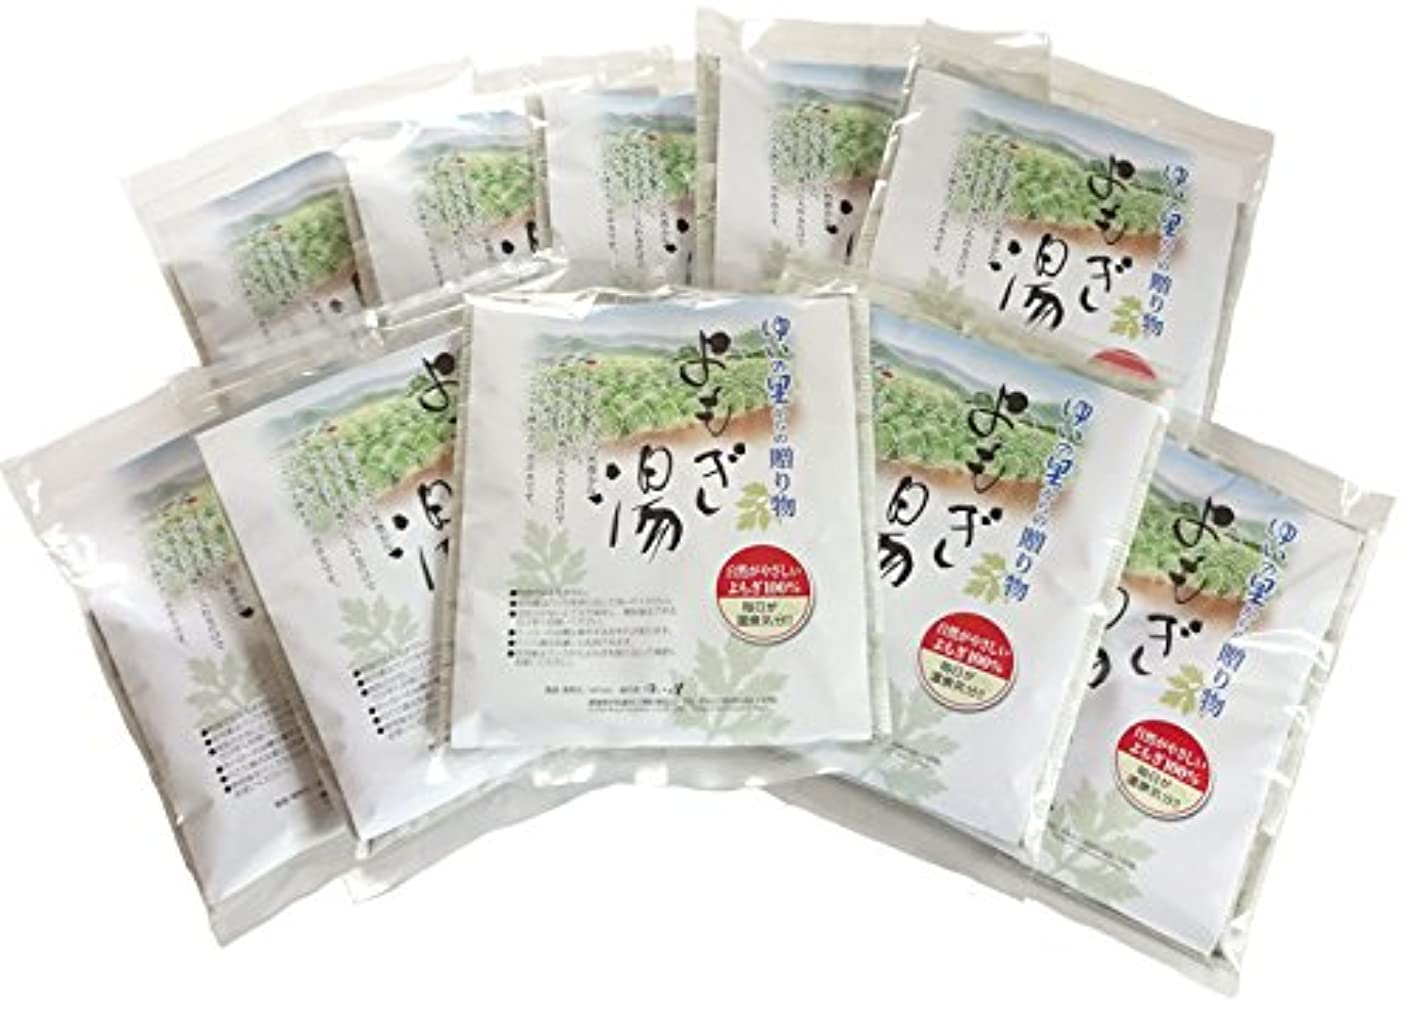 ファランクスあごひげバレエよもぎ湯入浴パック15袋 愛媛県産 自家栽培よもぎ100%使用